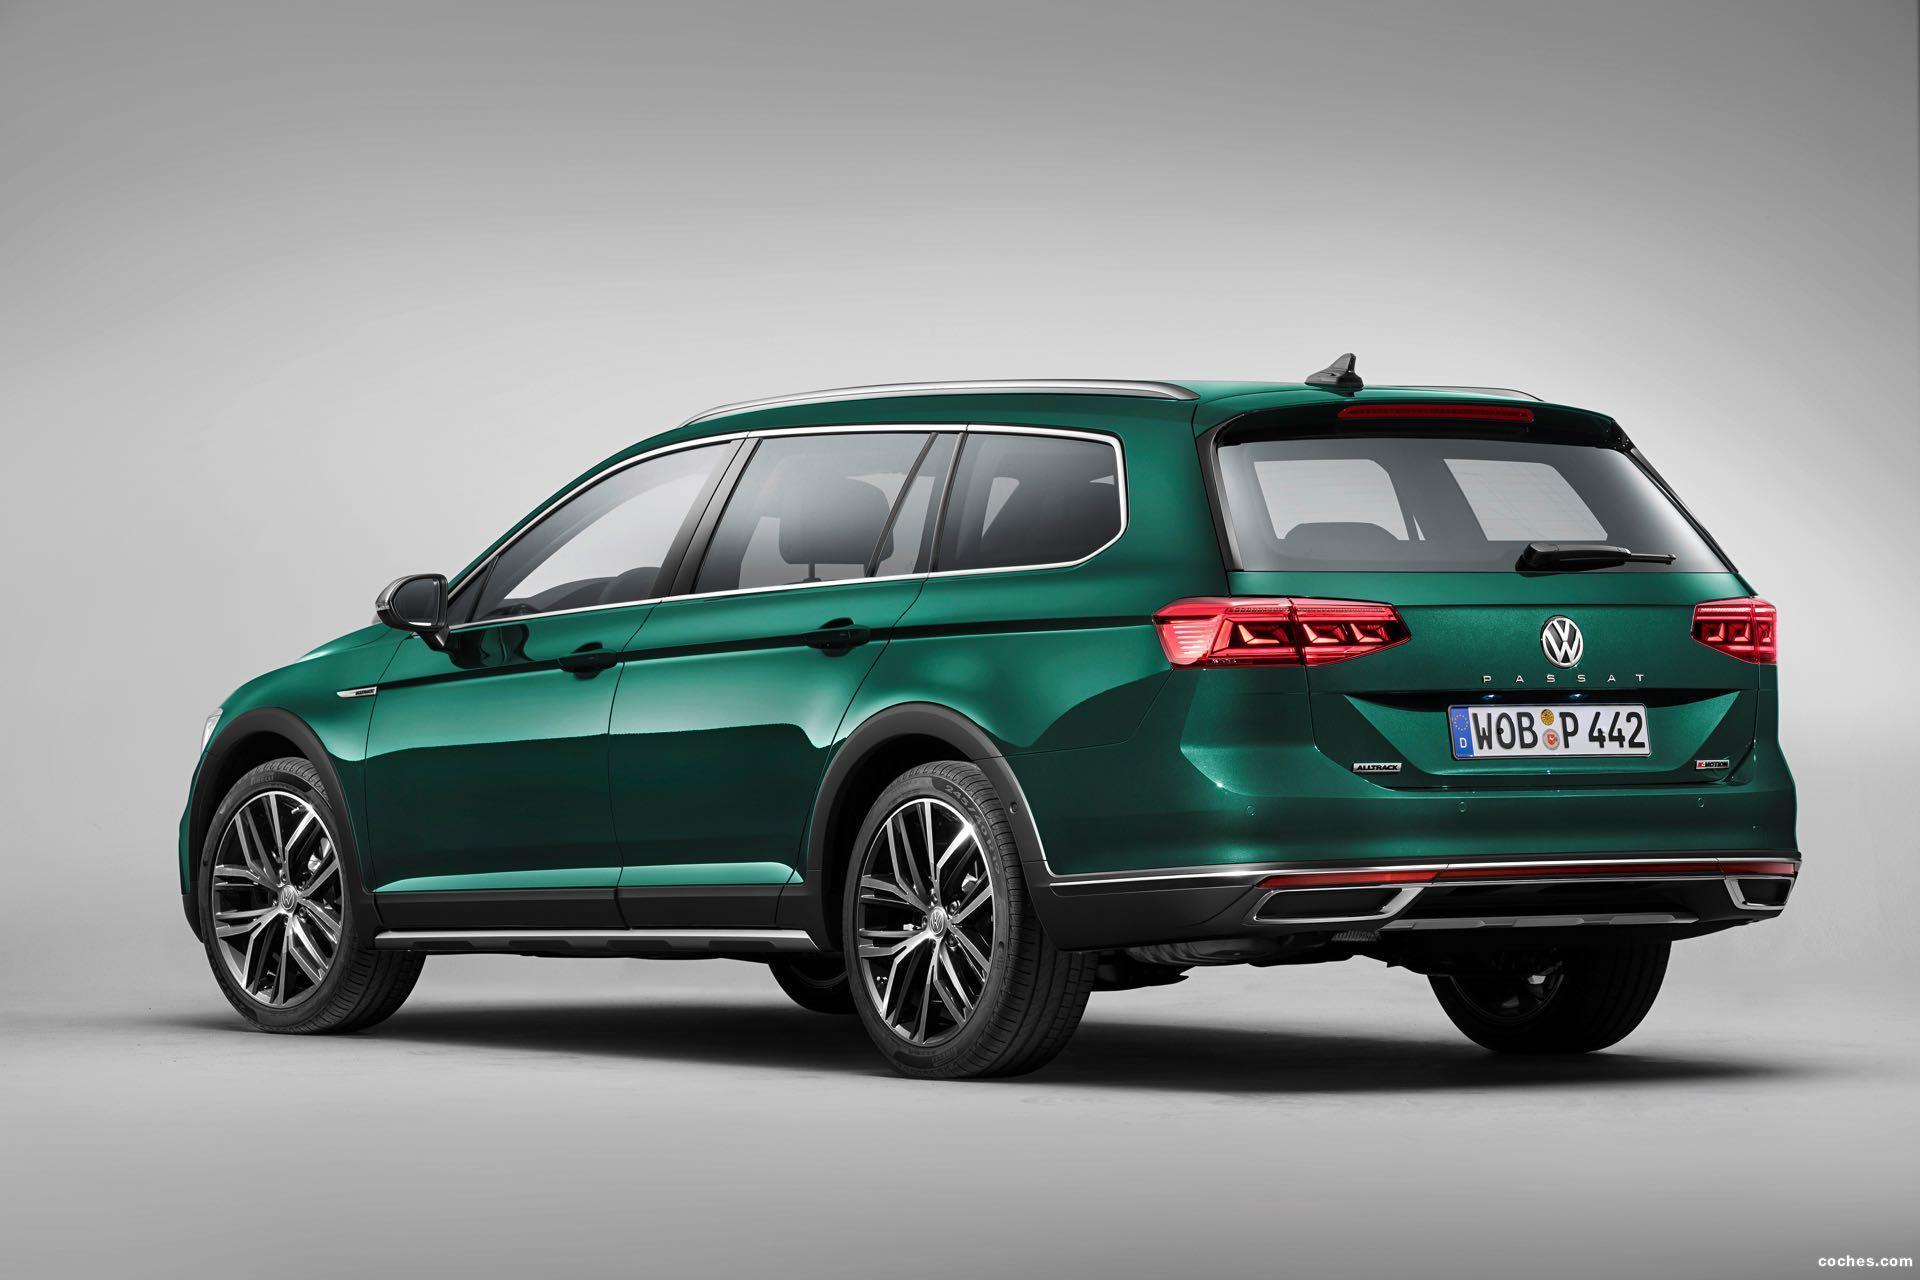 Foto 1 de Volkswagen Passat Alltrack 2019